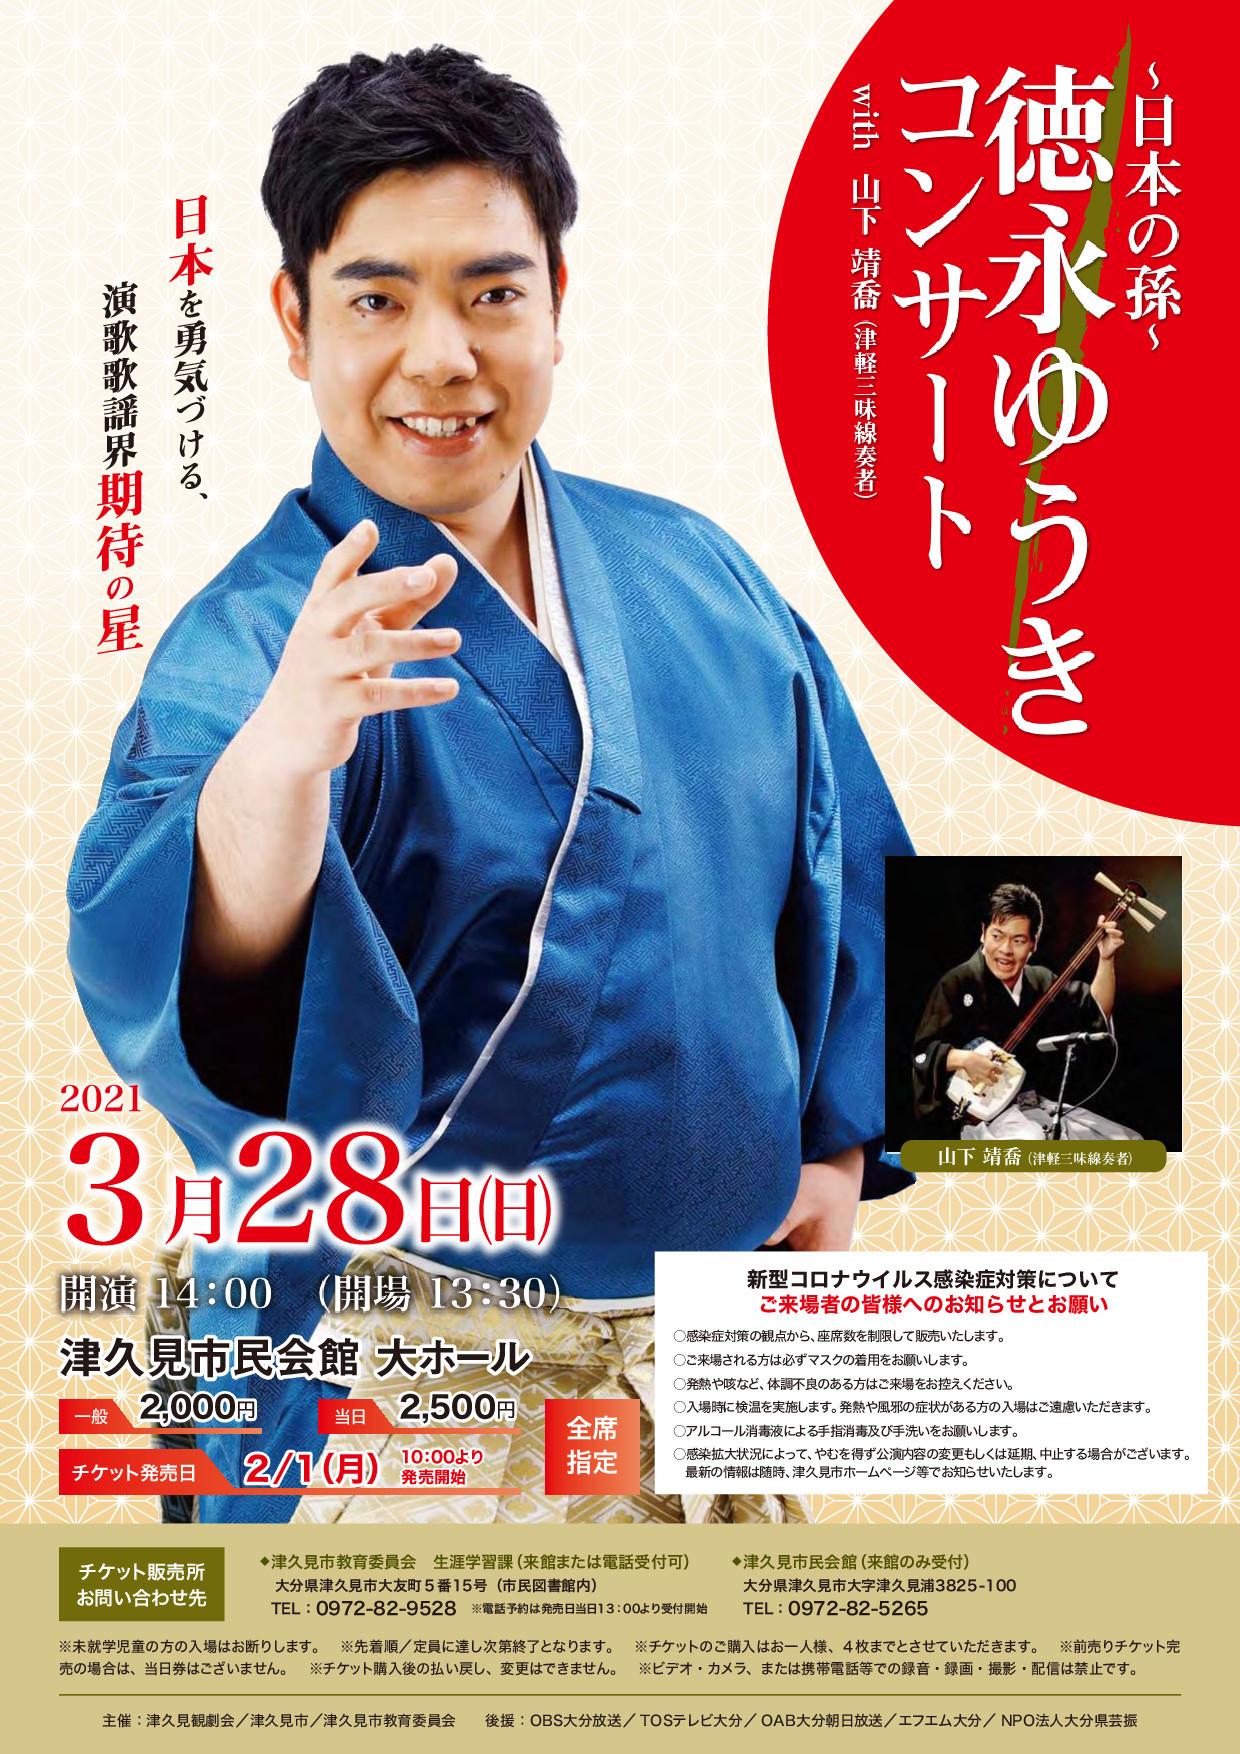 【延期】大分・津久見 コンサート